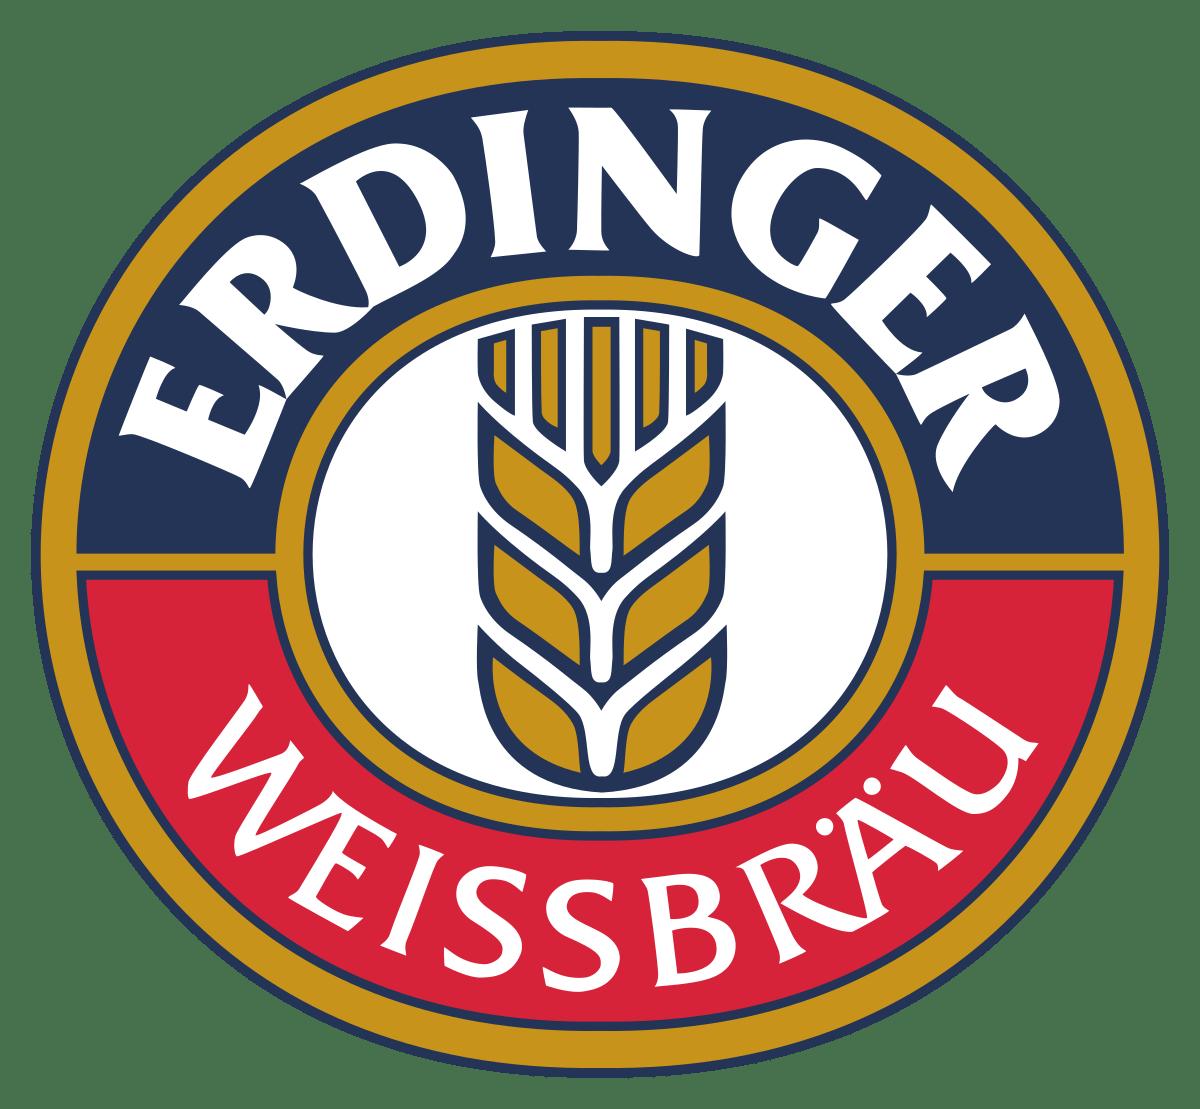 Privatbrauerei Erdinger Weißbräu GmbH